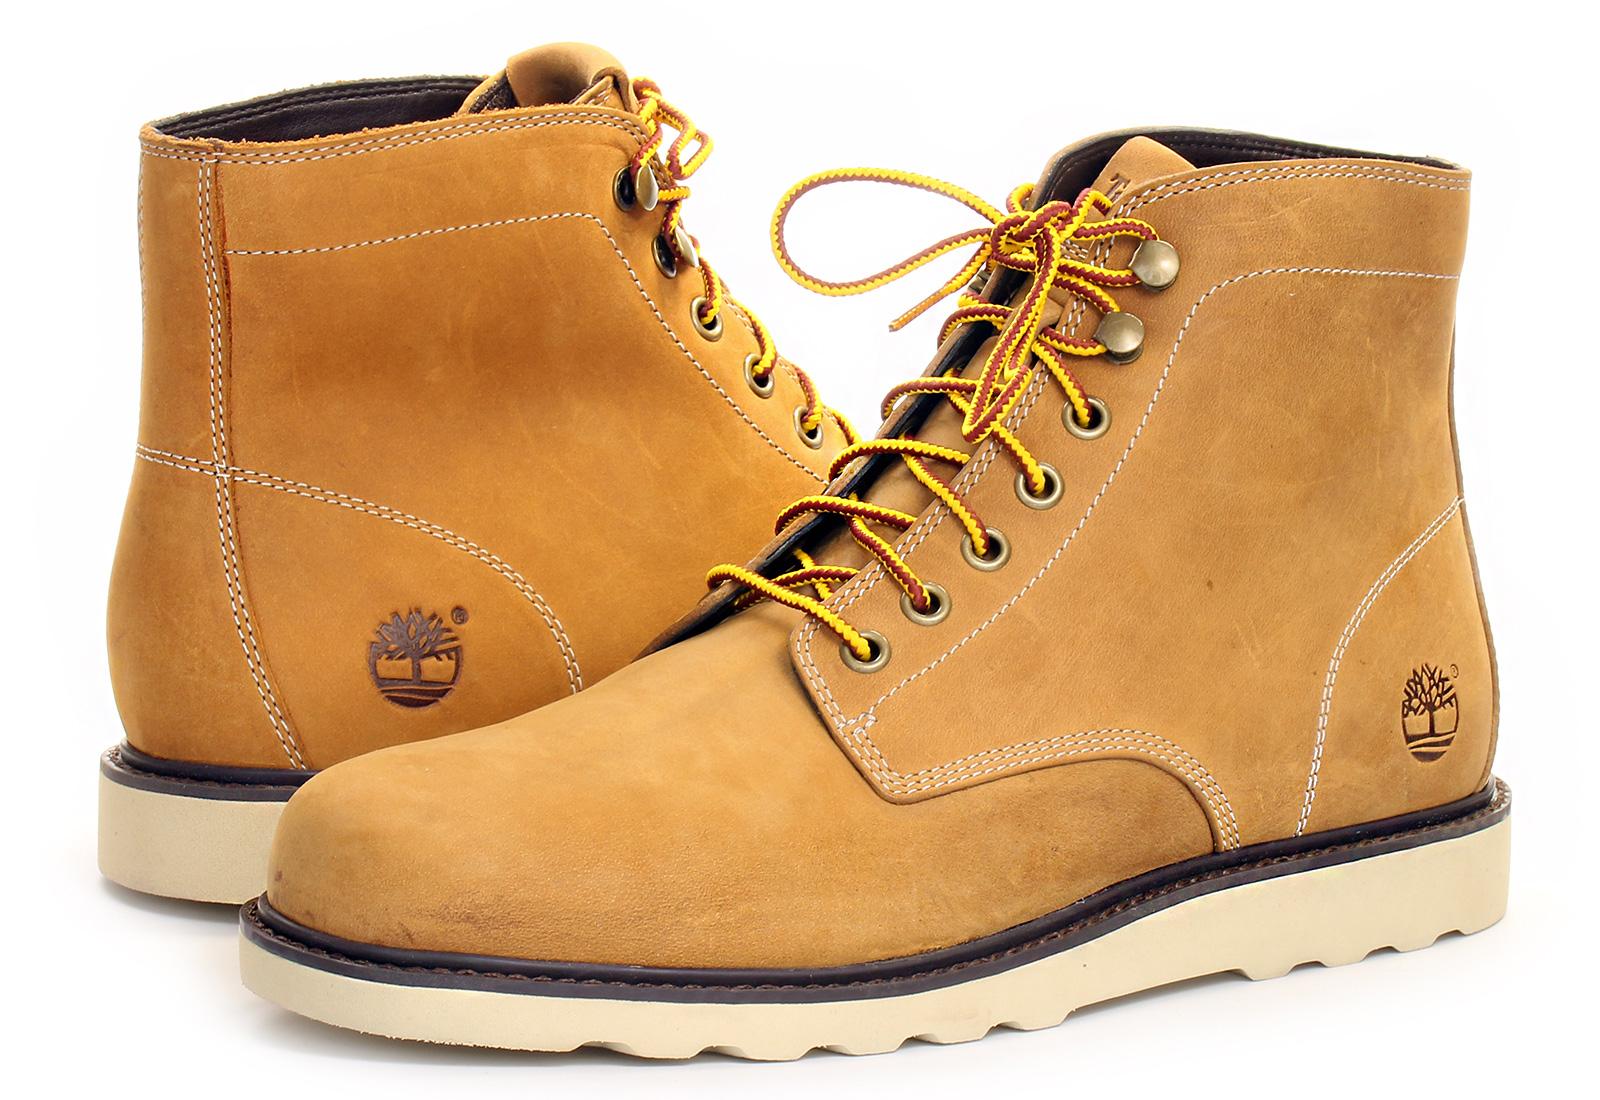 46e0c11891 Timberland Boots Ek Newmarket 6913r Lbr Online Shop